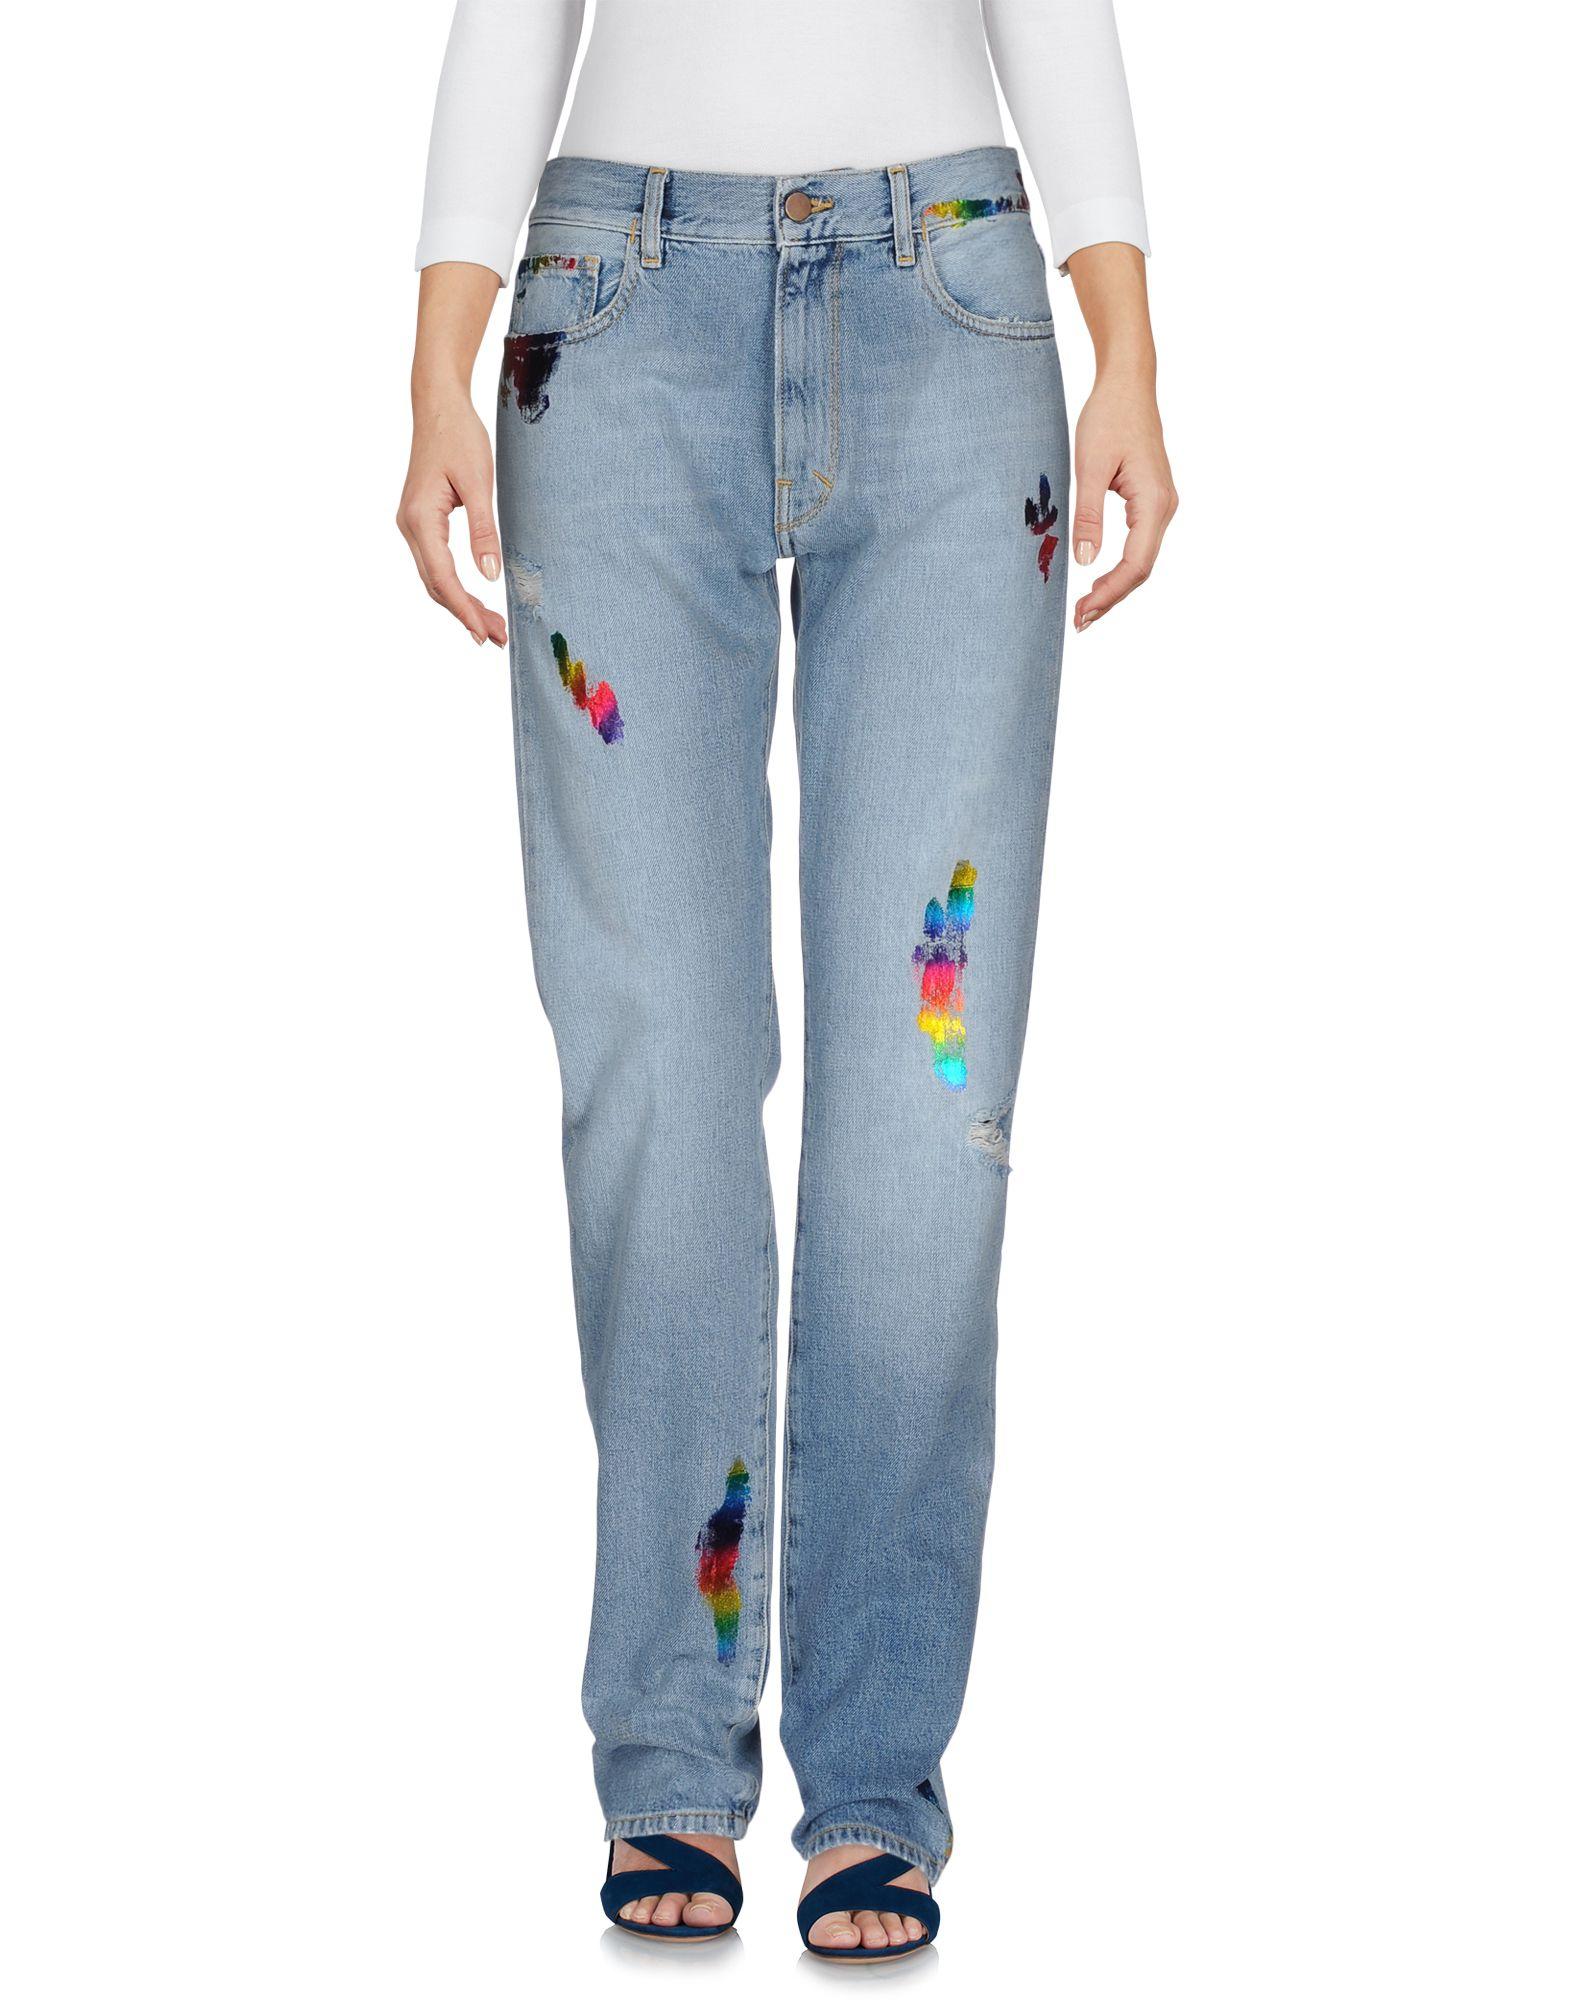 цены на ARIES Джинсовые брюки в интернет-магазинах